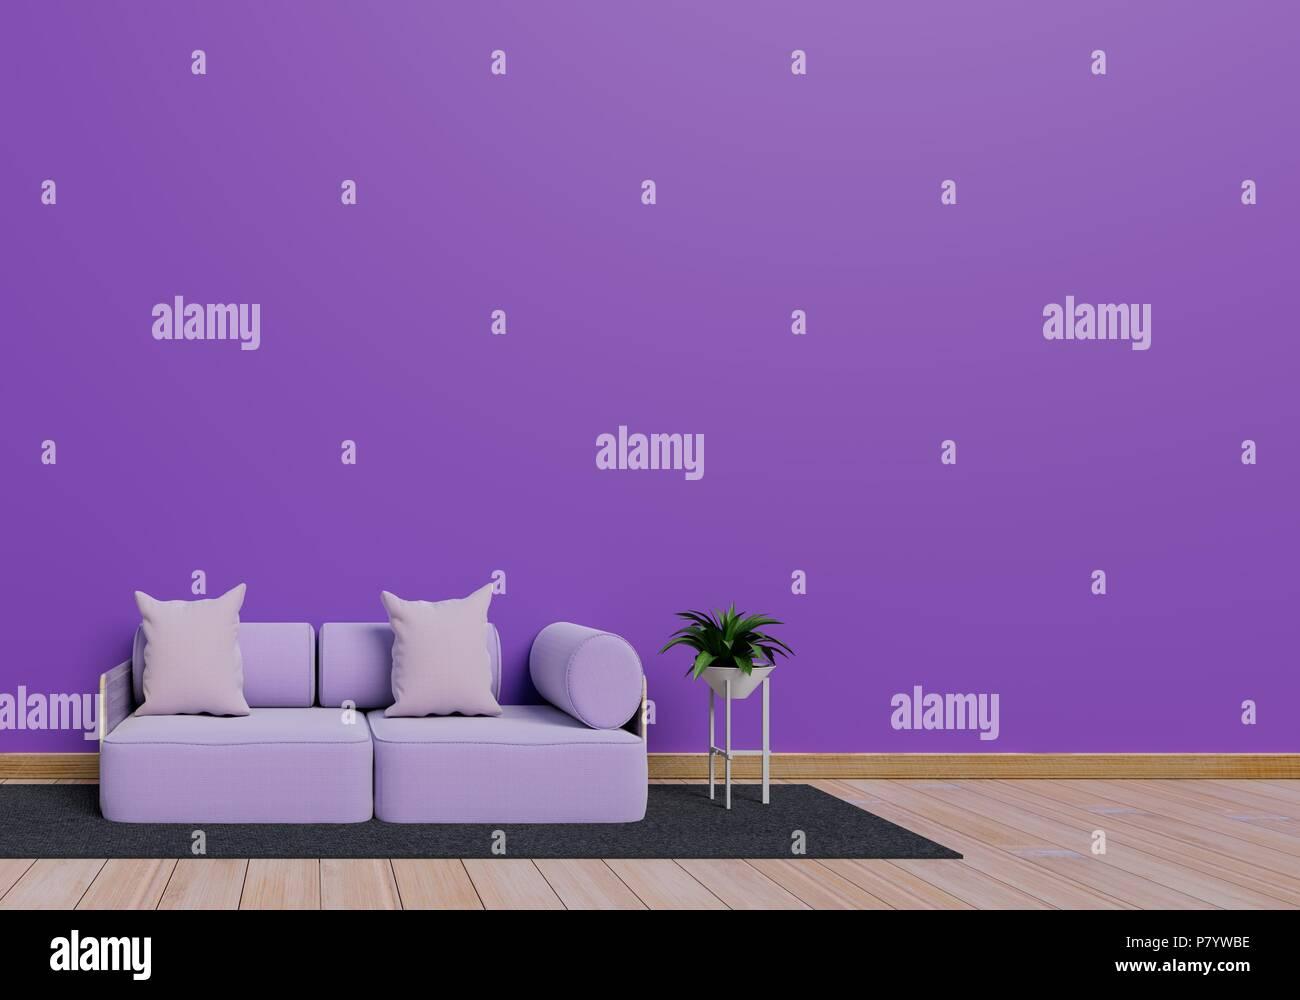 Modernes Interior Design Von Lila Wohnzimmer Mit Einem Sofa Und Einem  Blumentopf Auf Braun Glänzenden Holzfußboden. Graue Matte Element.